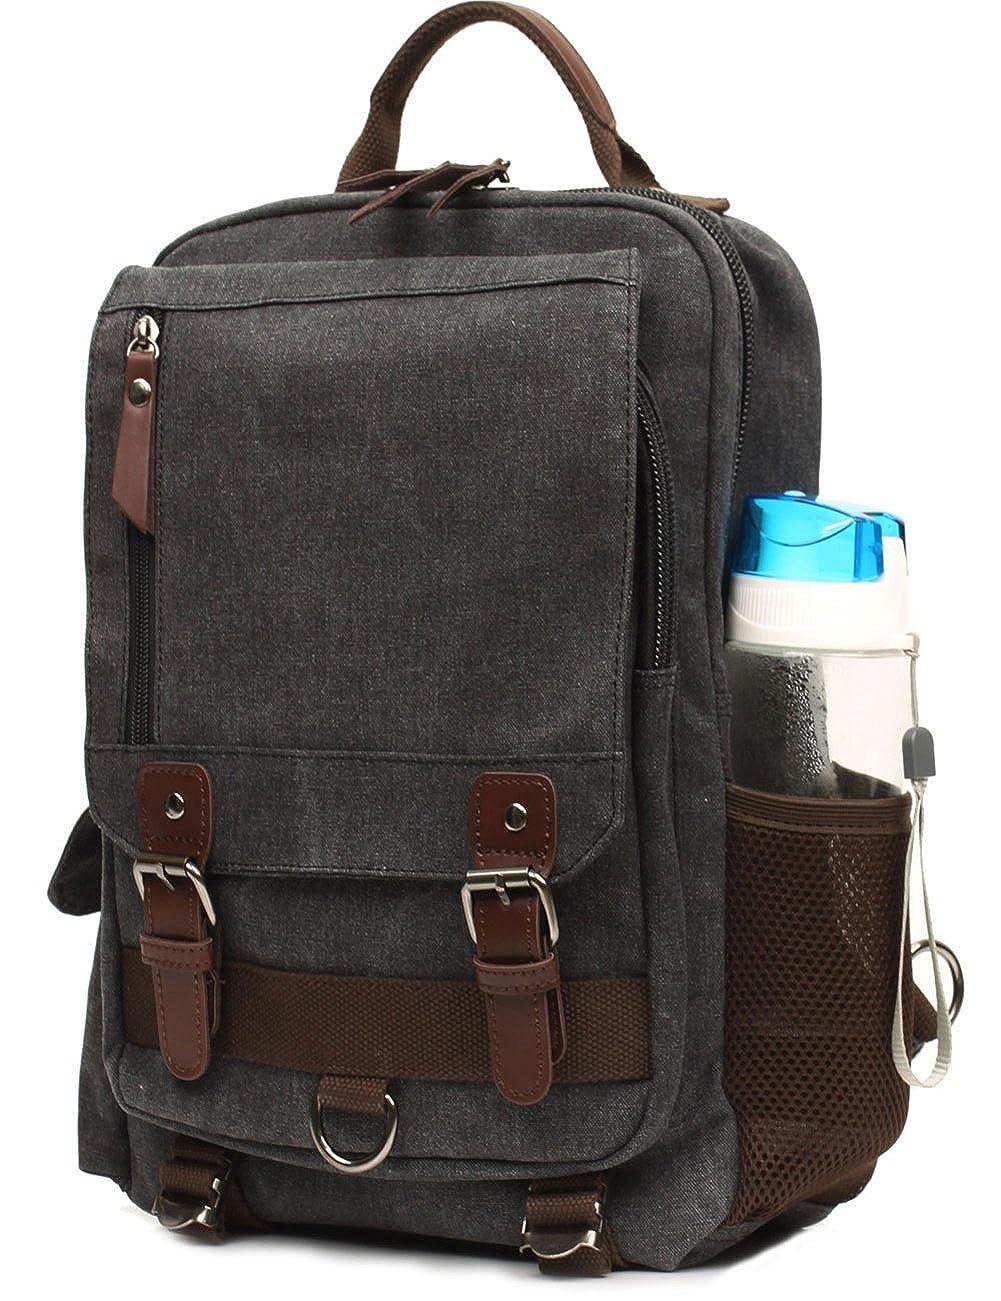 331d1363538 Mygreen Canvas Cross Body Messenger Bag Shoulder Sling Backpack Travel  Rucksack larger image